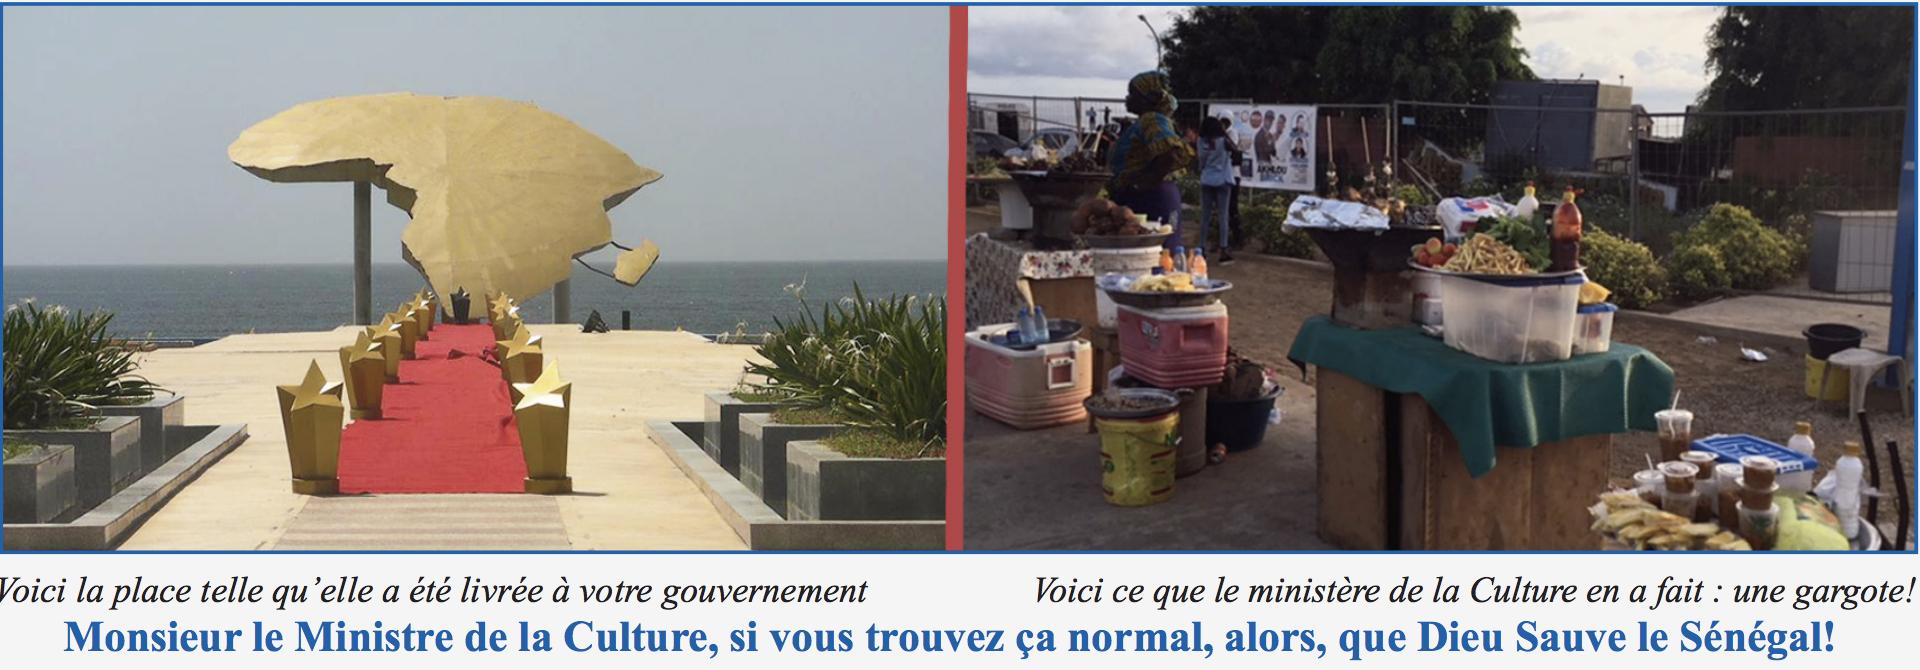 Pierre Atepa Goudiaby répond à Abdoul Latif Coulibaly : «Les contre-vérités du ministre de la Culture»